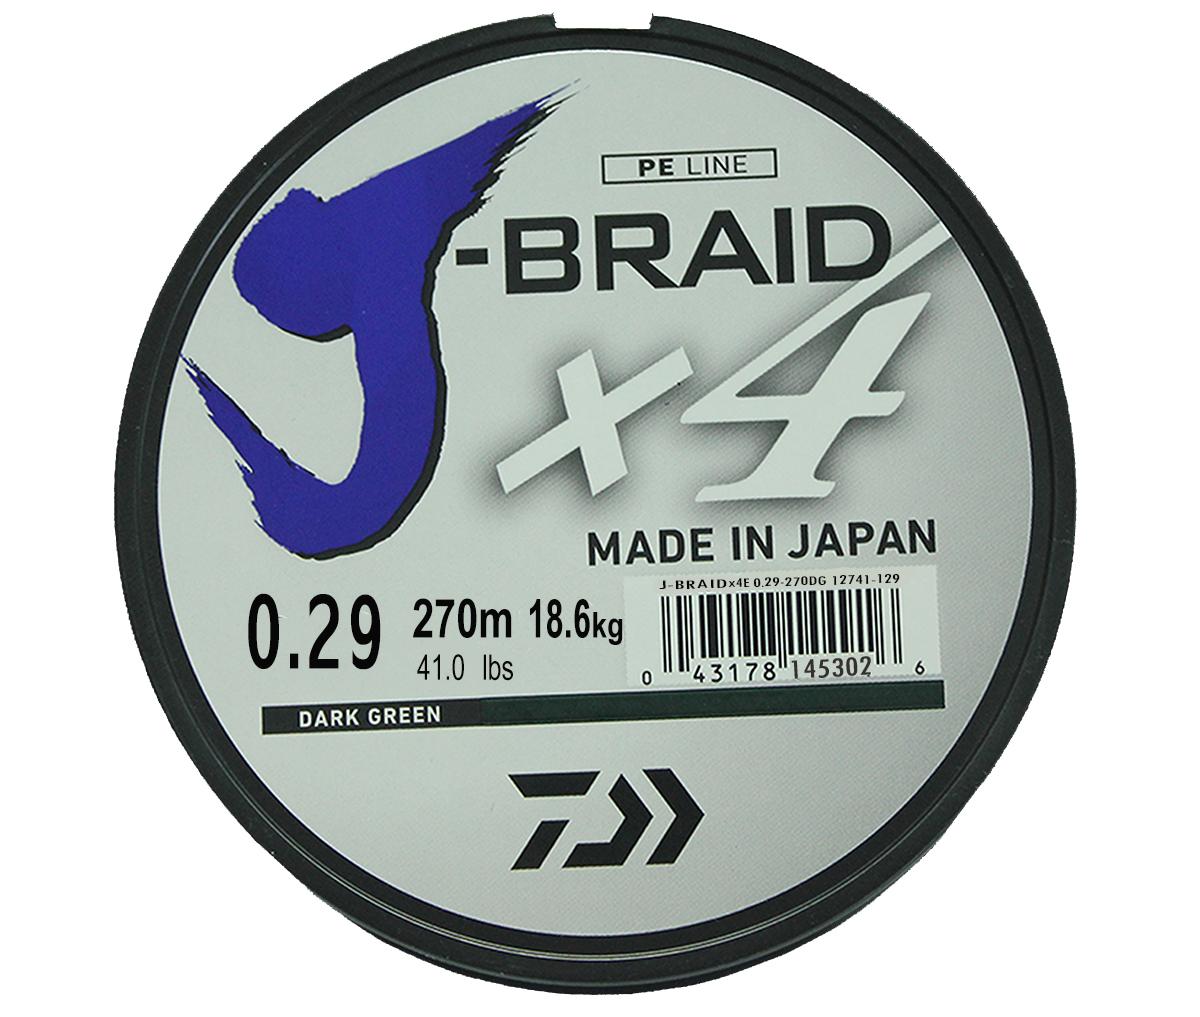 Леска плетеная DAIWA J-Braid X4 0,29мм 270 (зеленая)Леска плетеная<br>Новый 4х жильный шнур J-Braid, DAIWA - шнур высокого <br>класса с удивительным соотношением цены <br>и качества. Качество плетения полностью <br>соответствует японским стандартам и удовлетворяет <br>всем требованиям. Представленные диаметры <br>позволяют использовать шнур для всех техник <br>ловли, начиная от ultra- light ловли окуня, до <br>морской ловли палтуса, трески и т.д.<br>